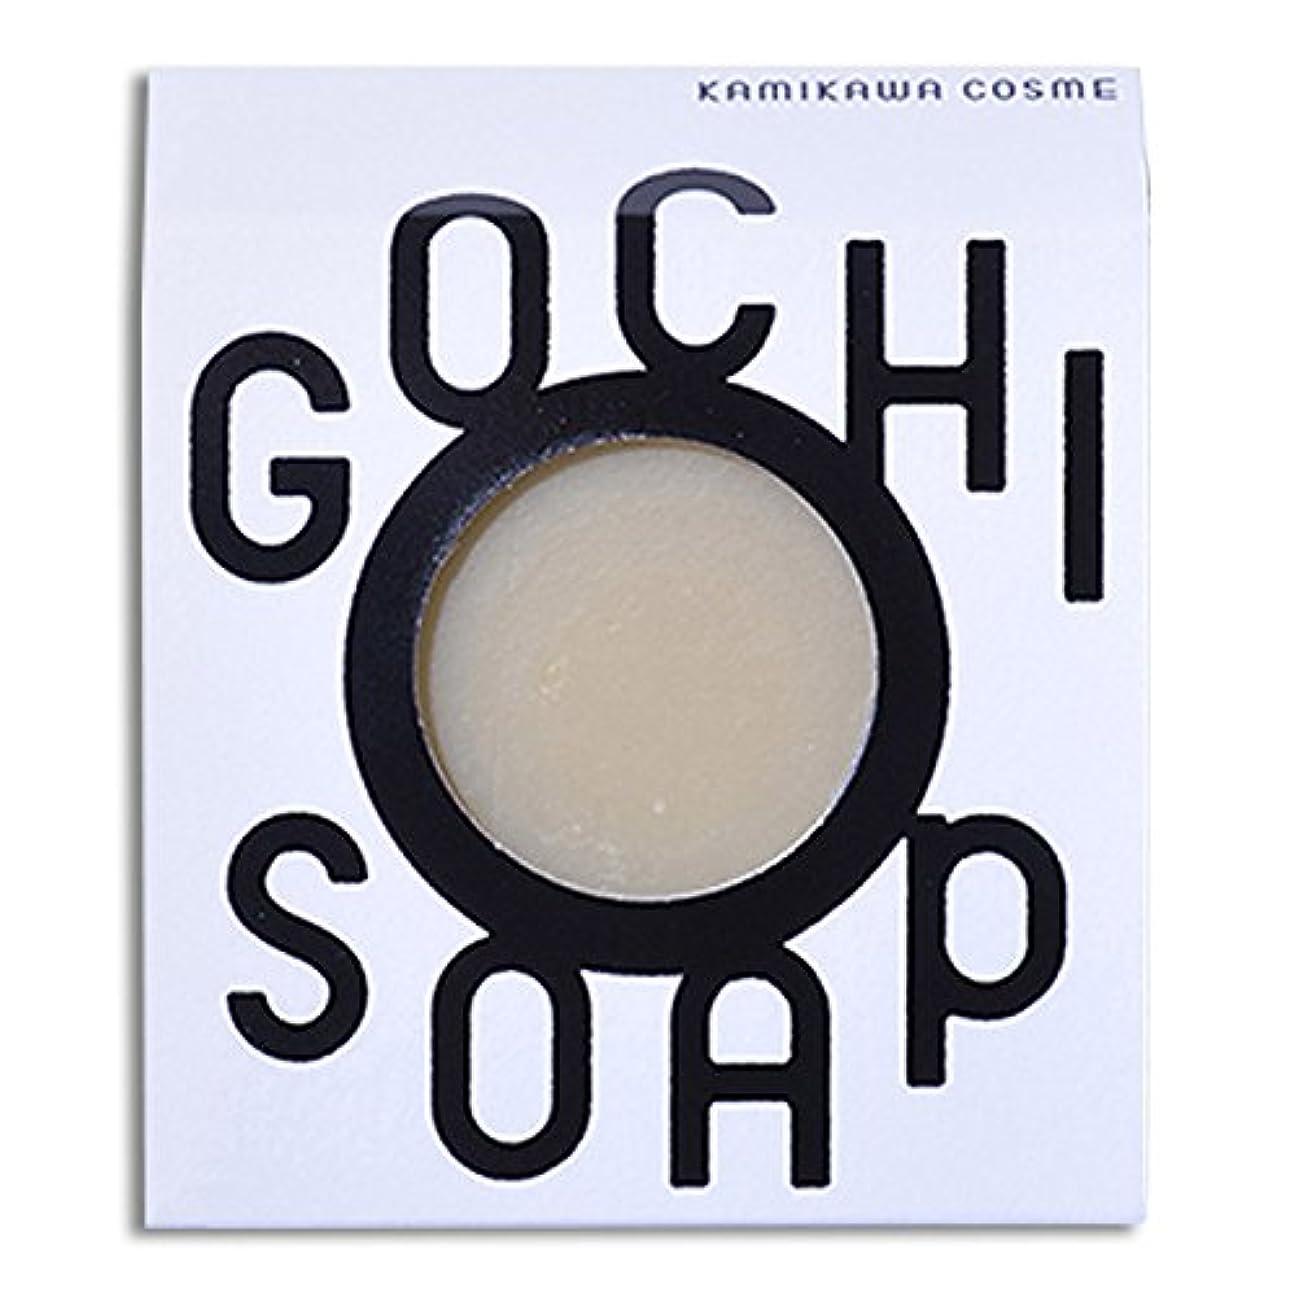 暴力内陸海洋道北の素材を使用したコスメブランド GOCHI SOAP(伊勢ファームの牛乳ソープ?平田こうじ店の米糀ソープ)各1個セット